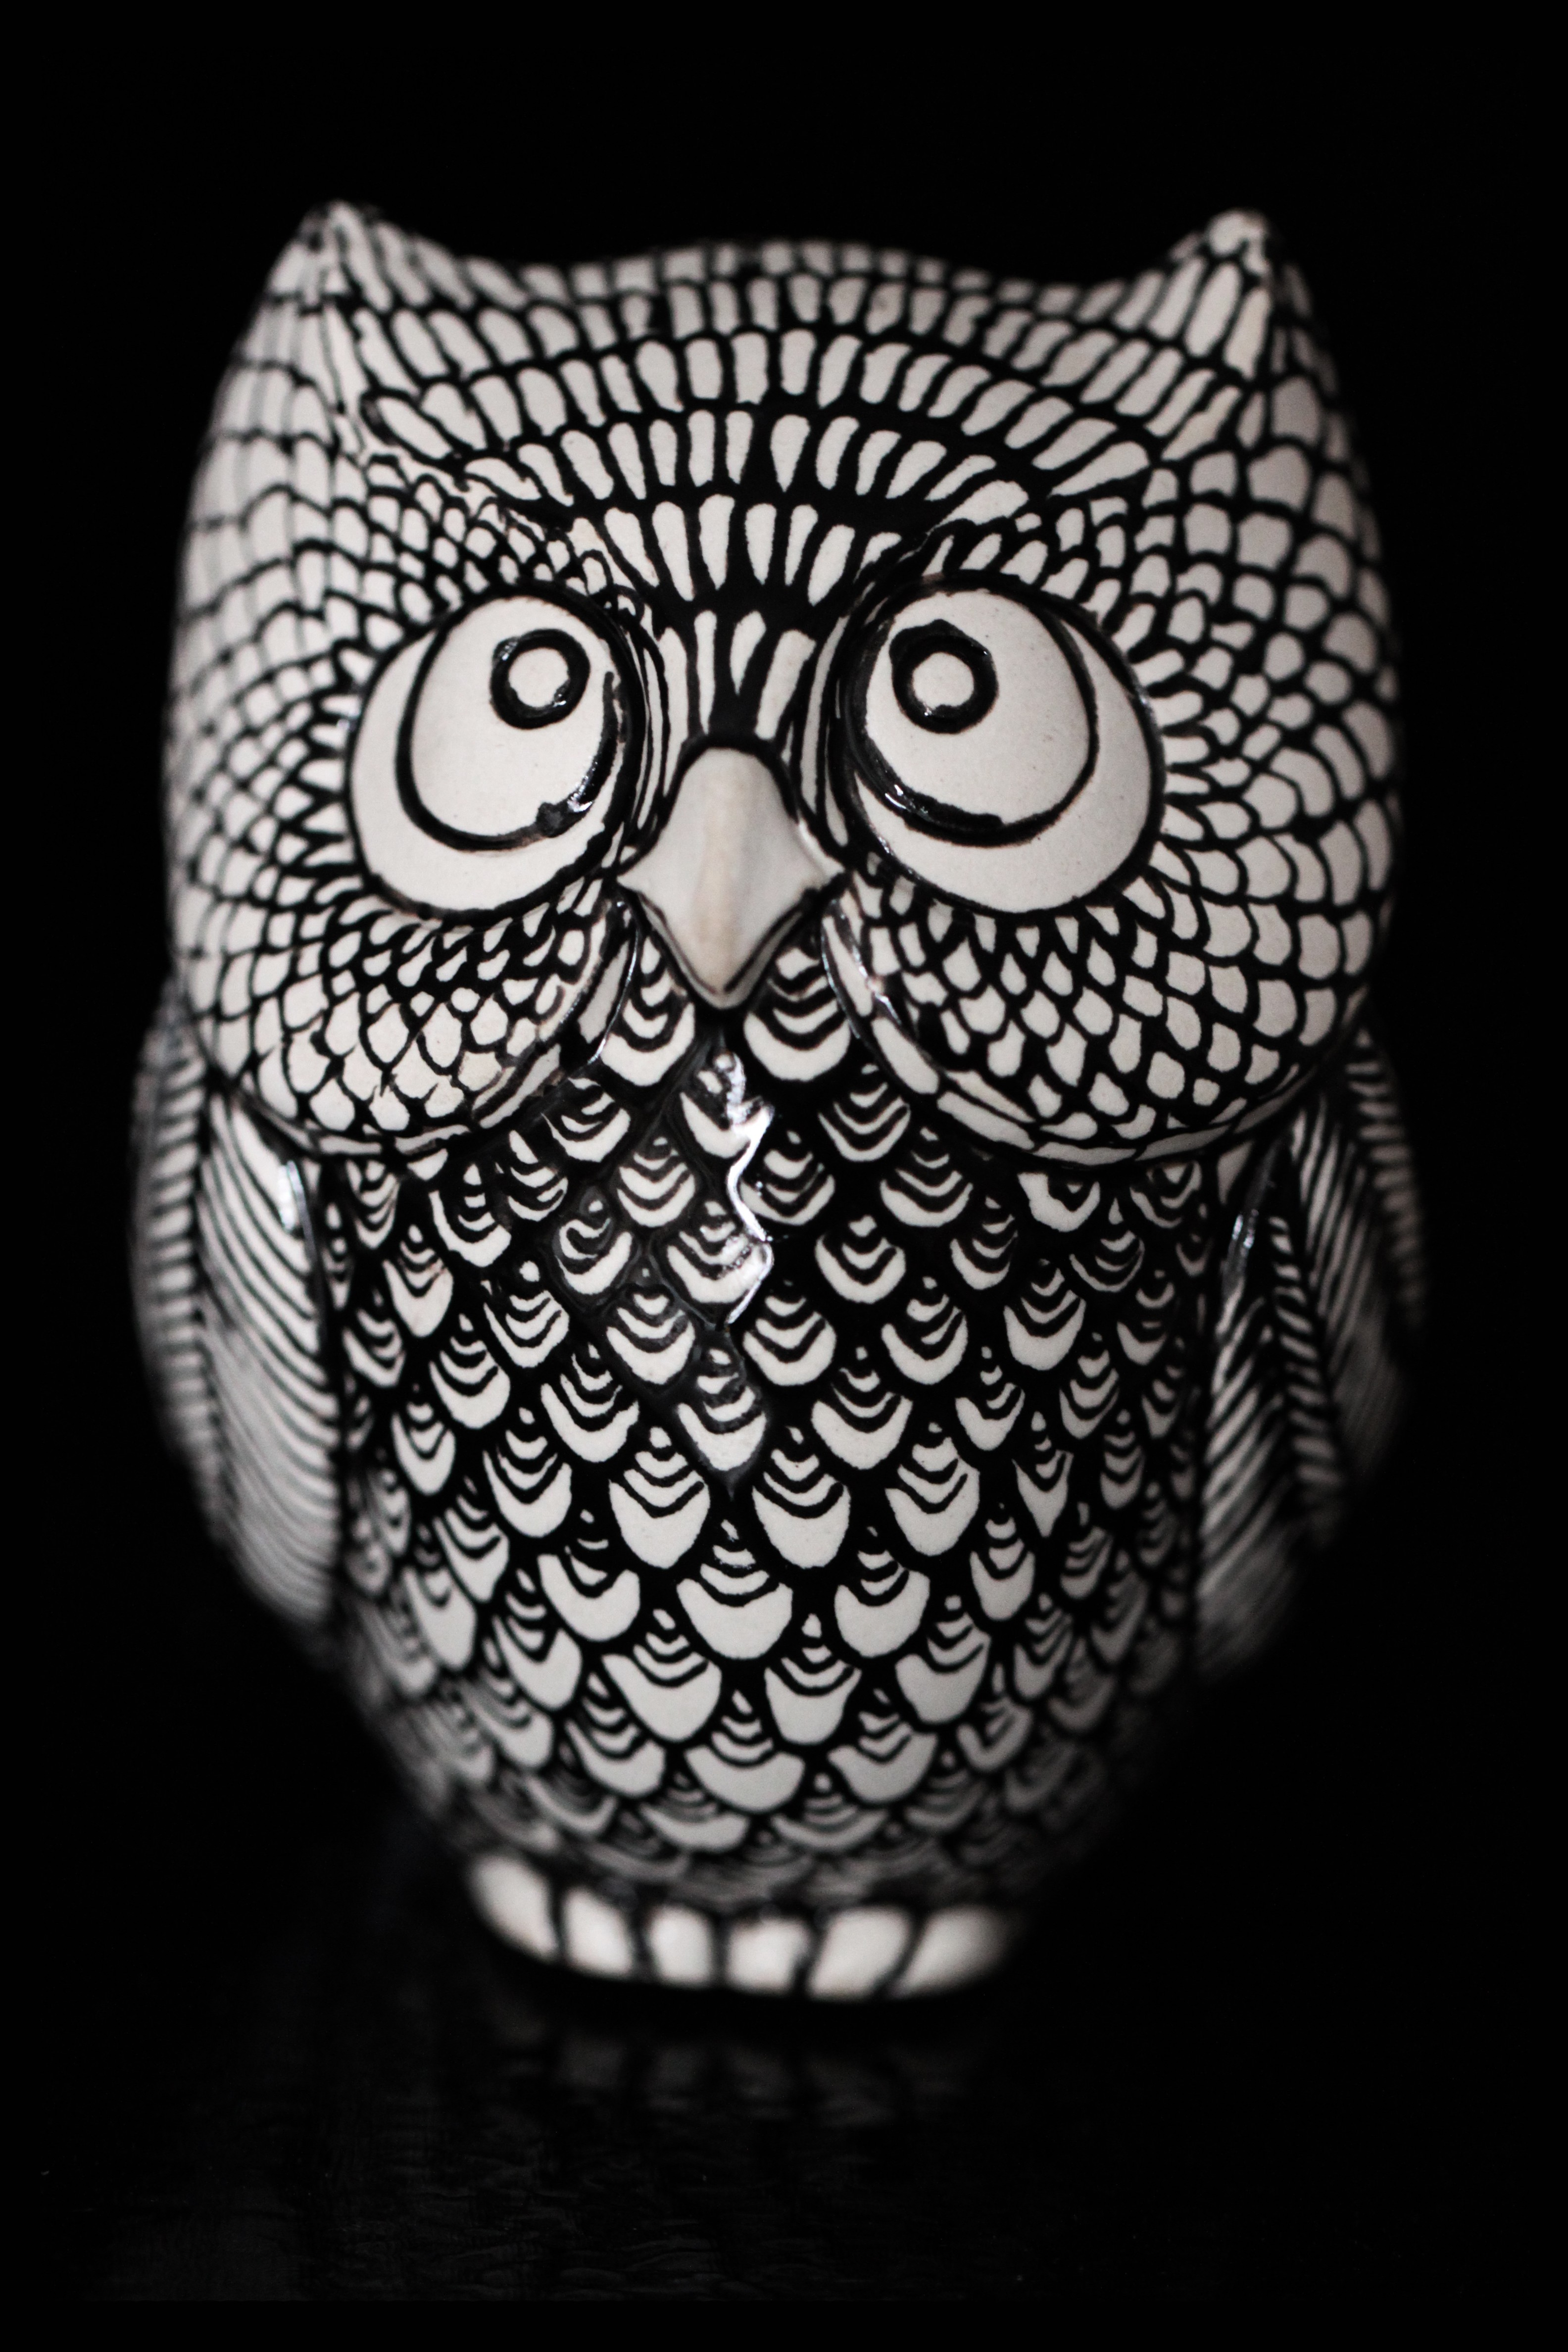 Slip Cast Owl